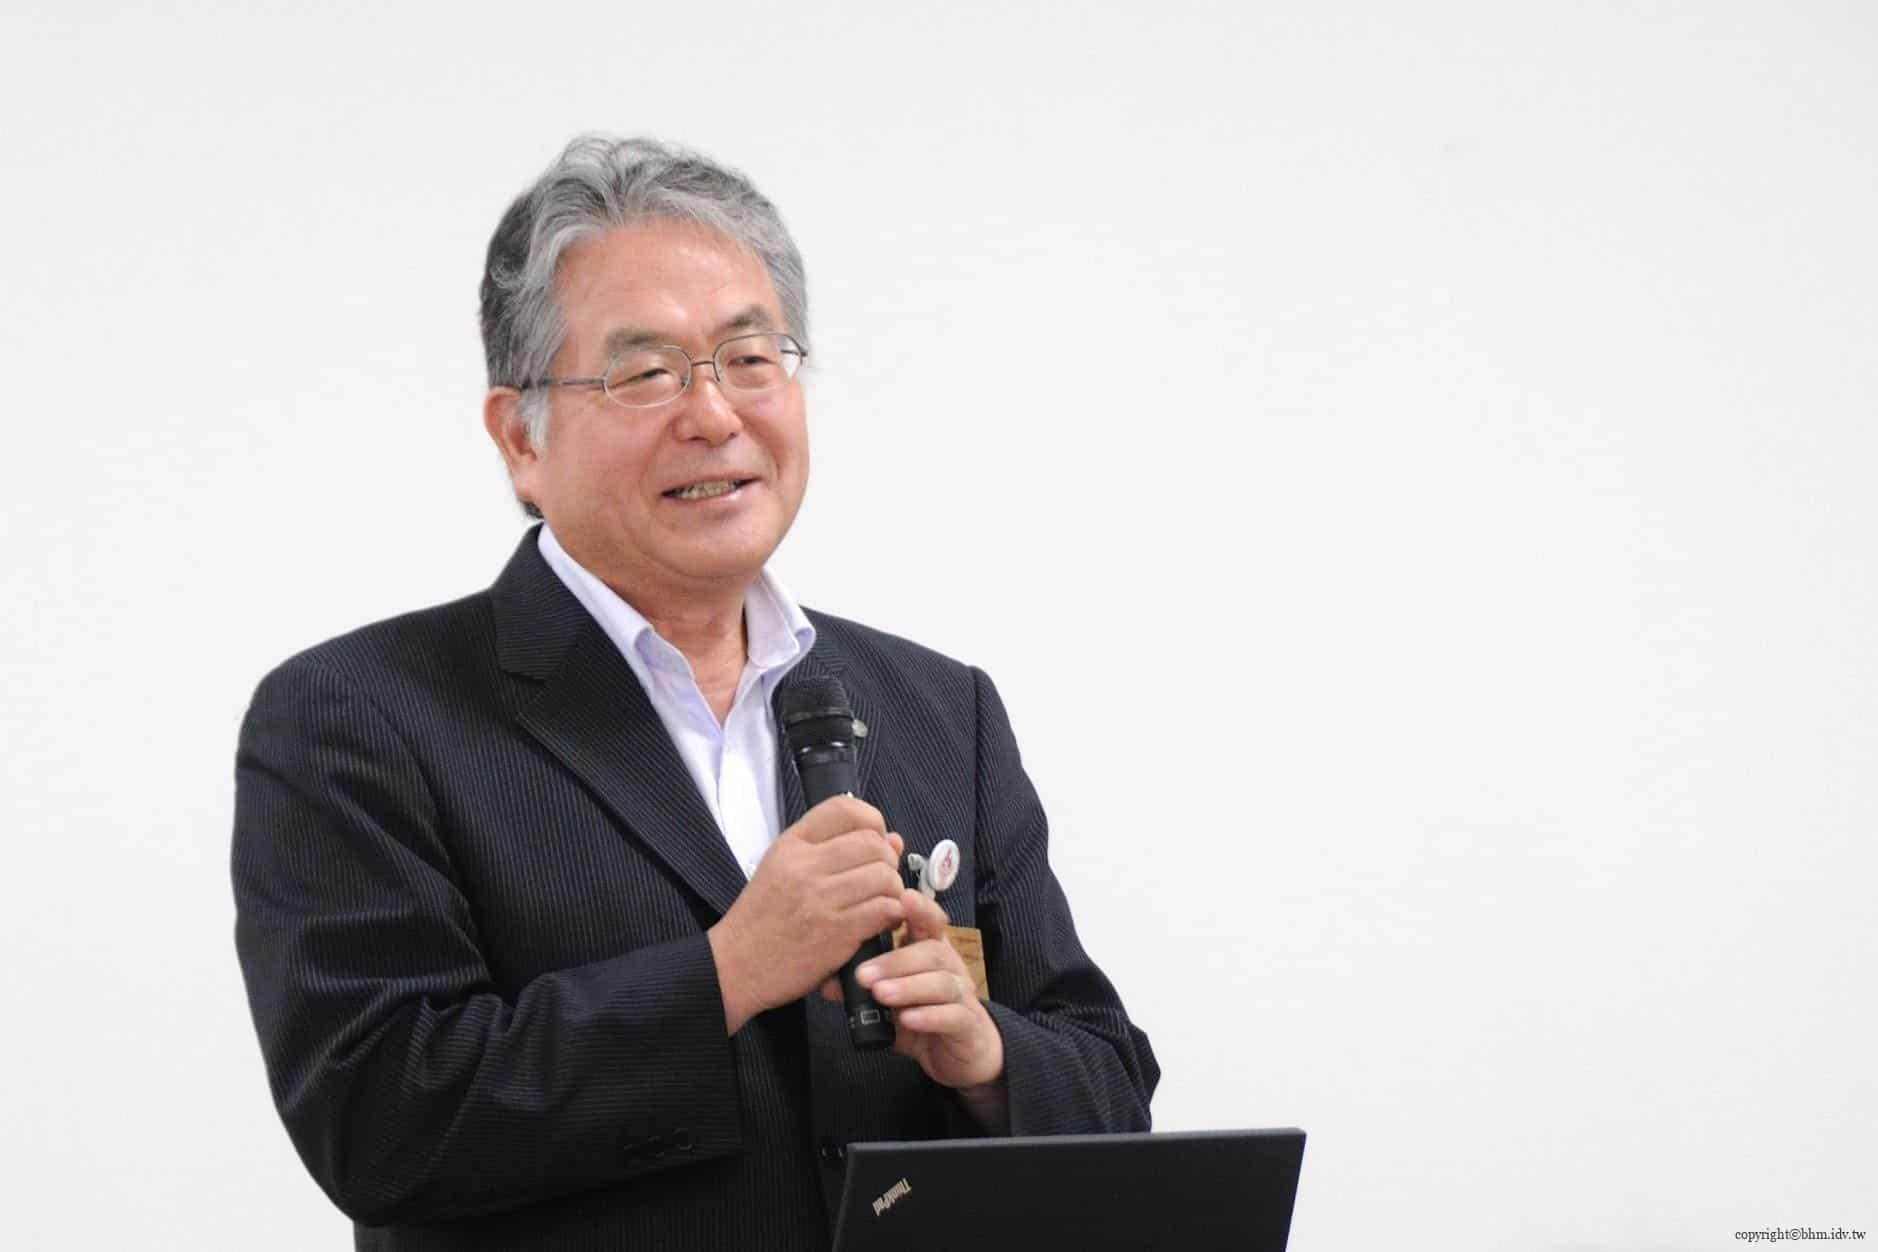 新潟县十日町市產業觀光部 部長,渡辺正範 大頭鼠的窩 首頁 DSC 6866